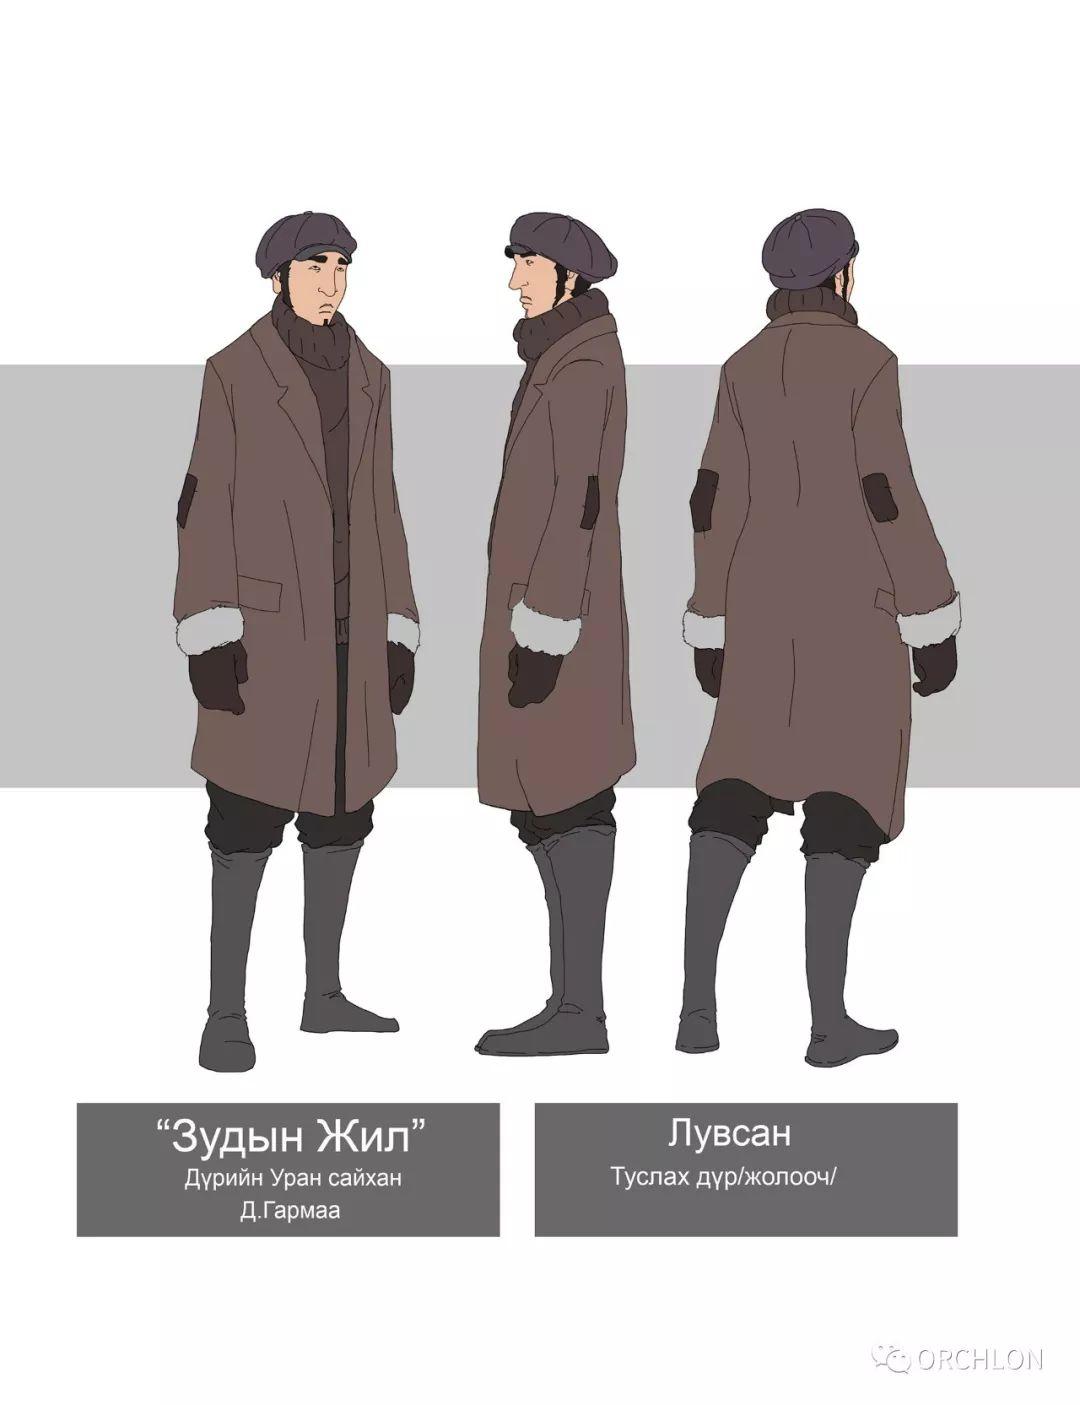 蒙古2D角色设计作品 第8张